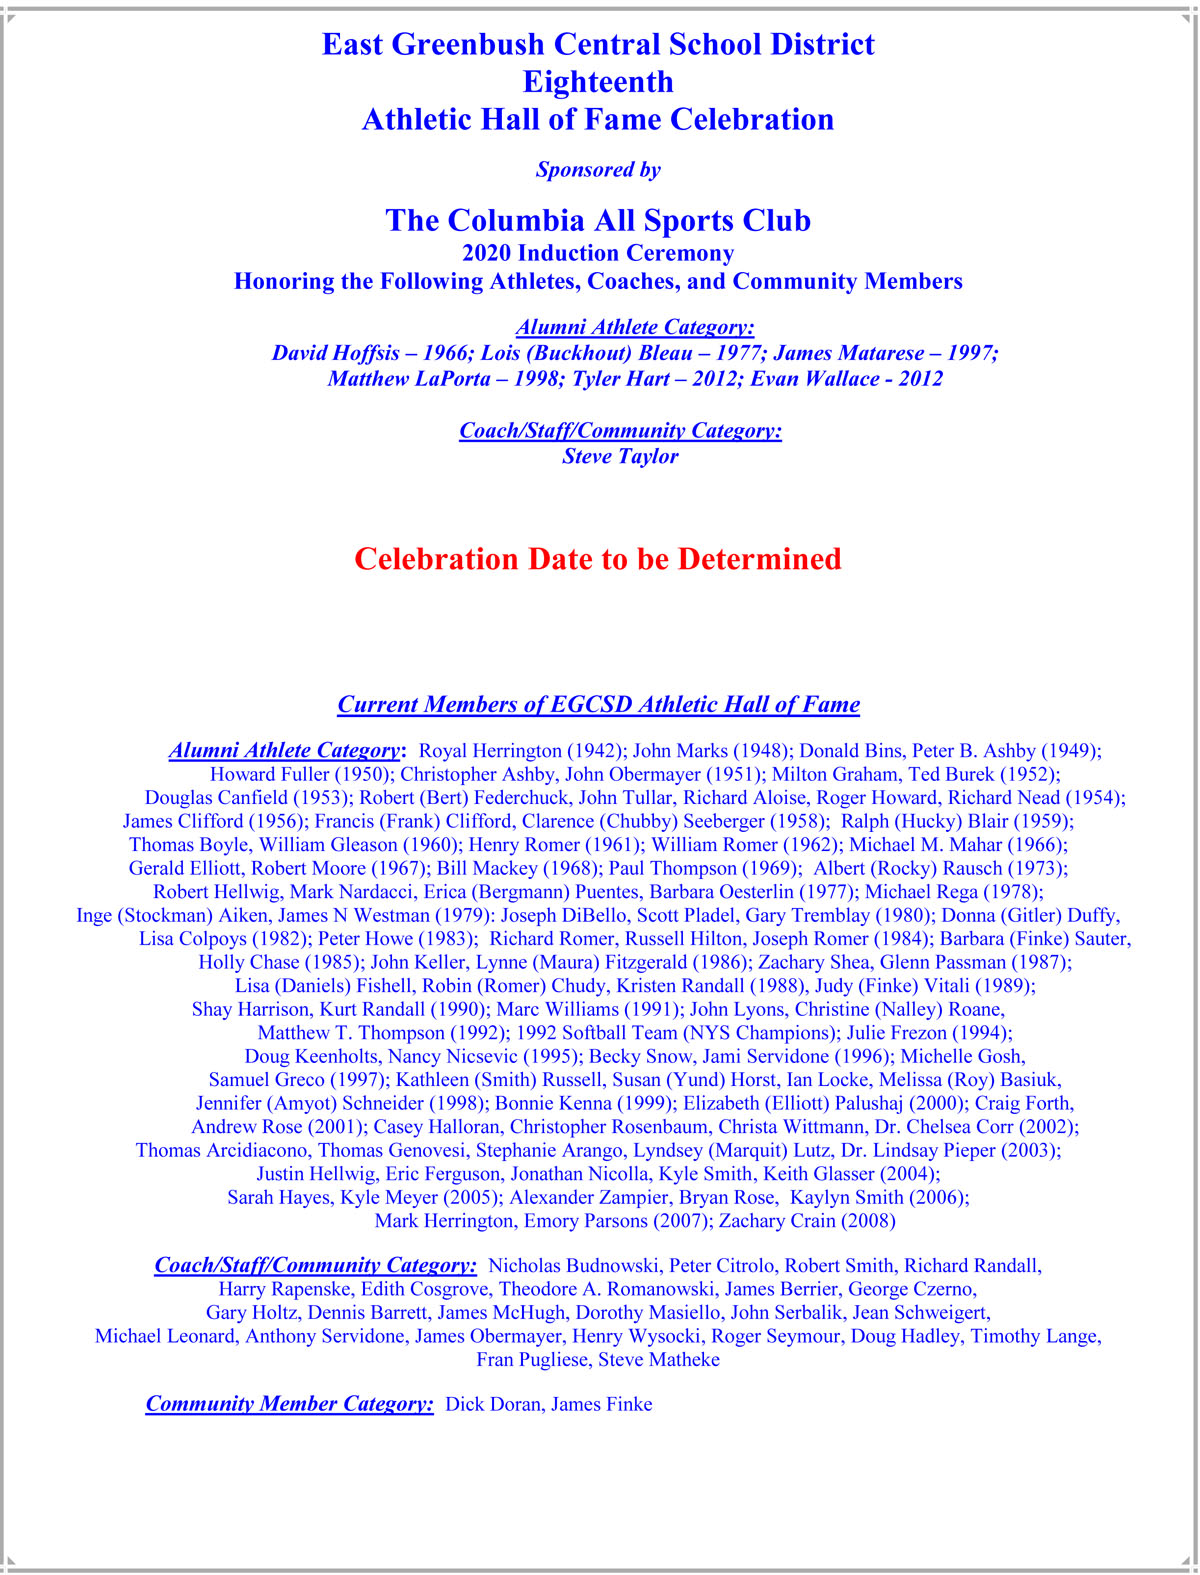 2021 Athletic Hall of Fame Celebration flyer